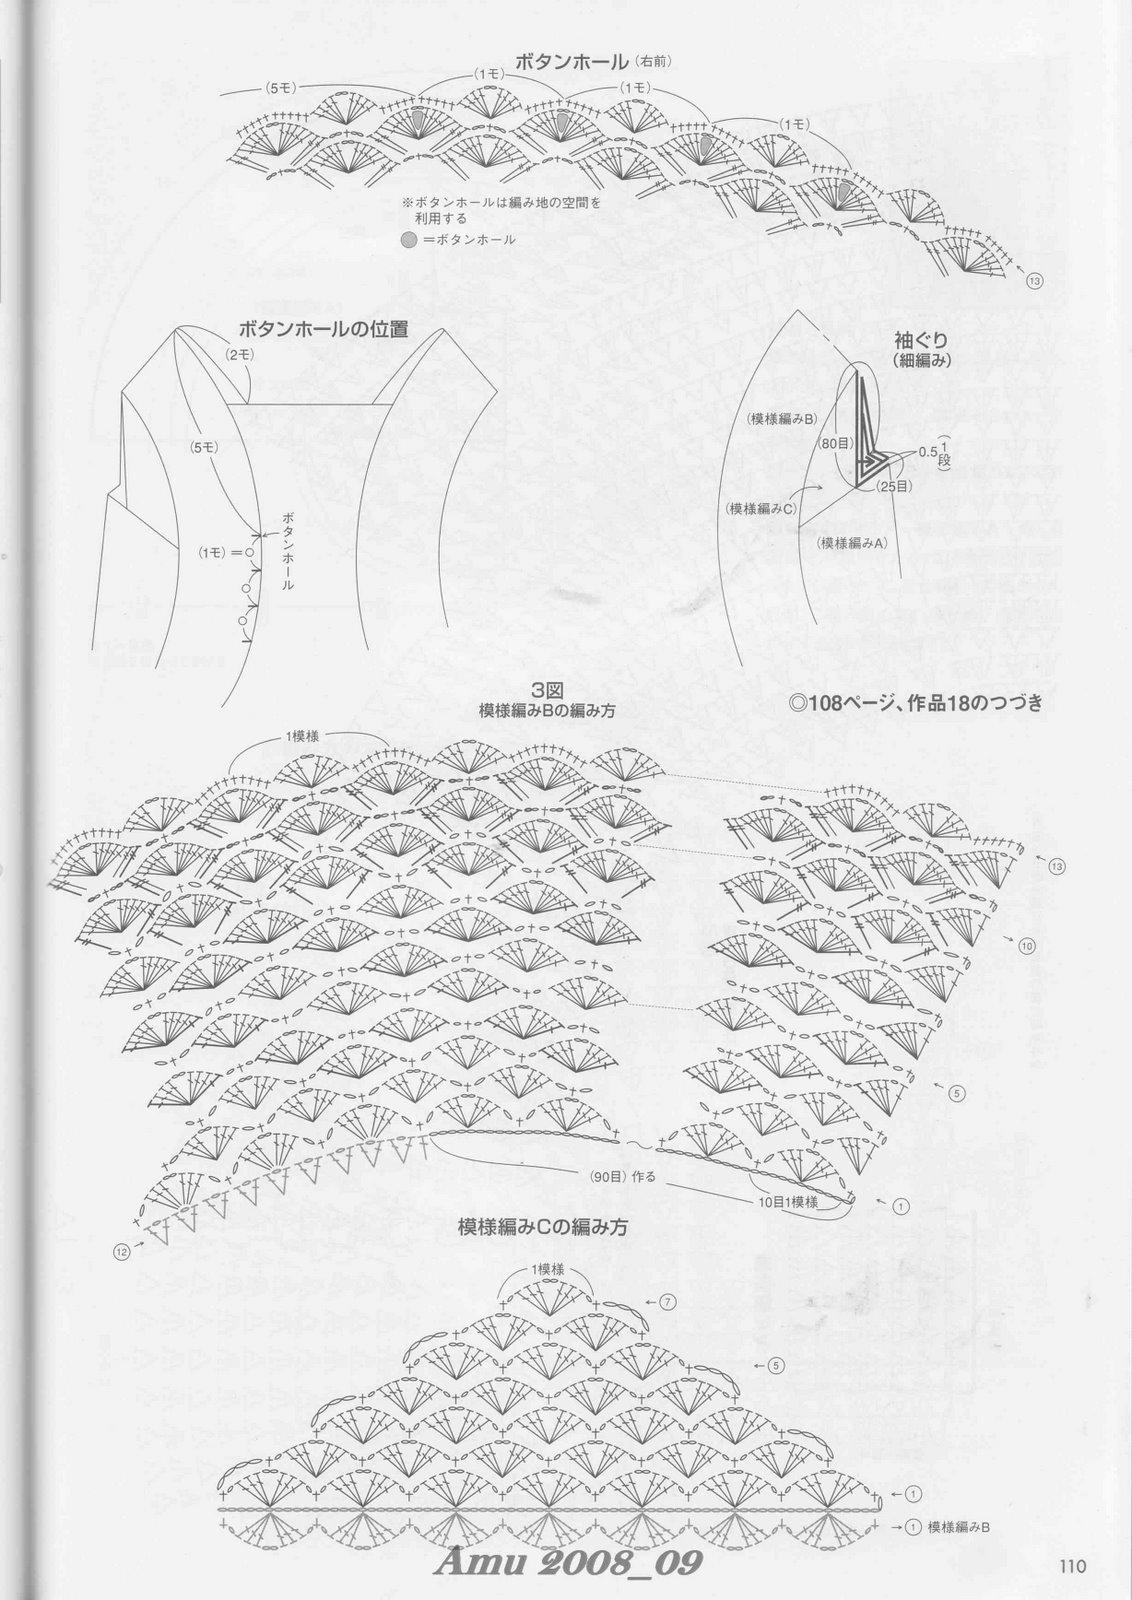 1124_Amu 2008_09_Page_021 (4)